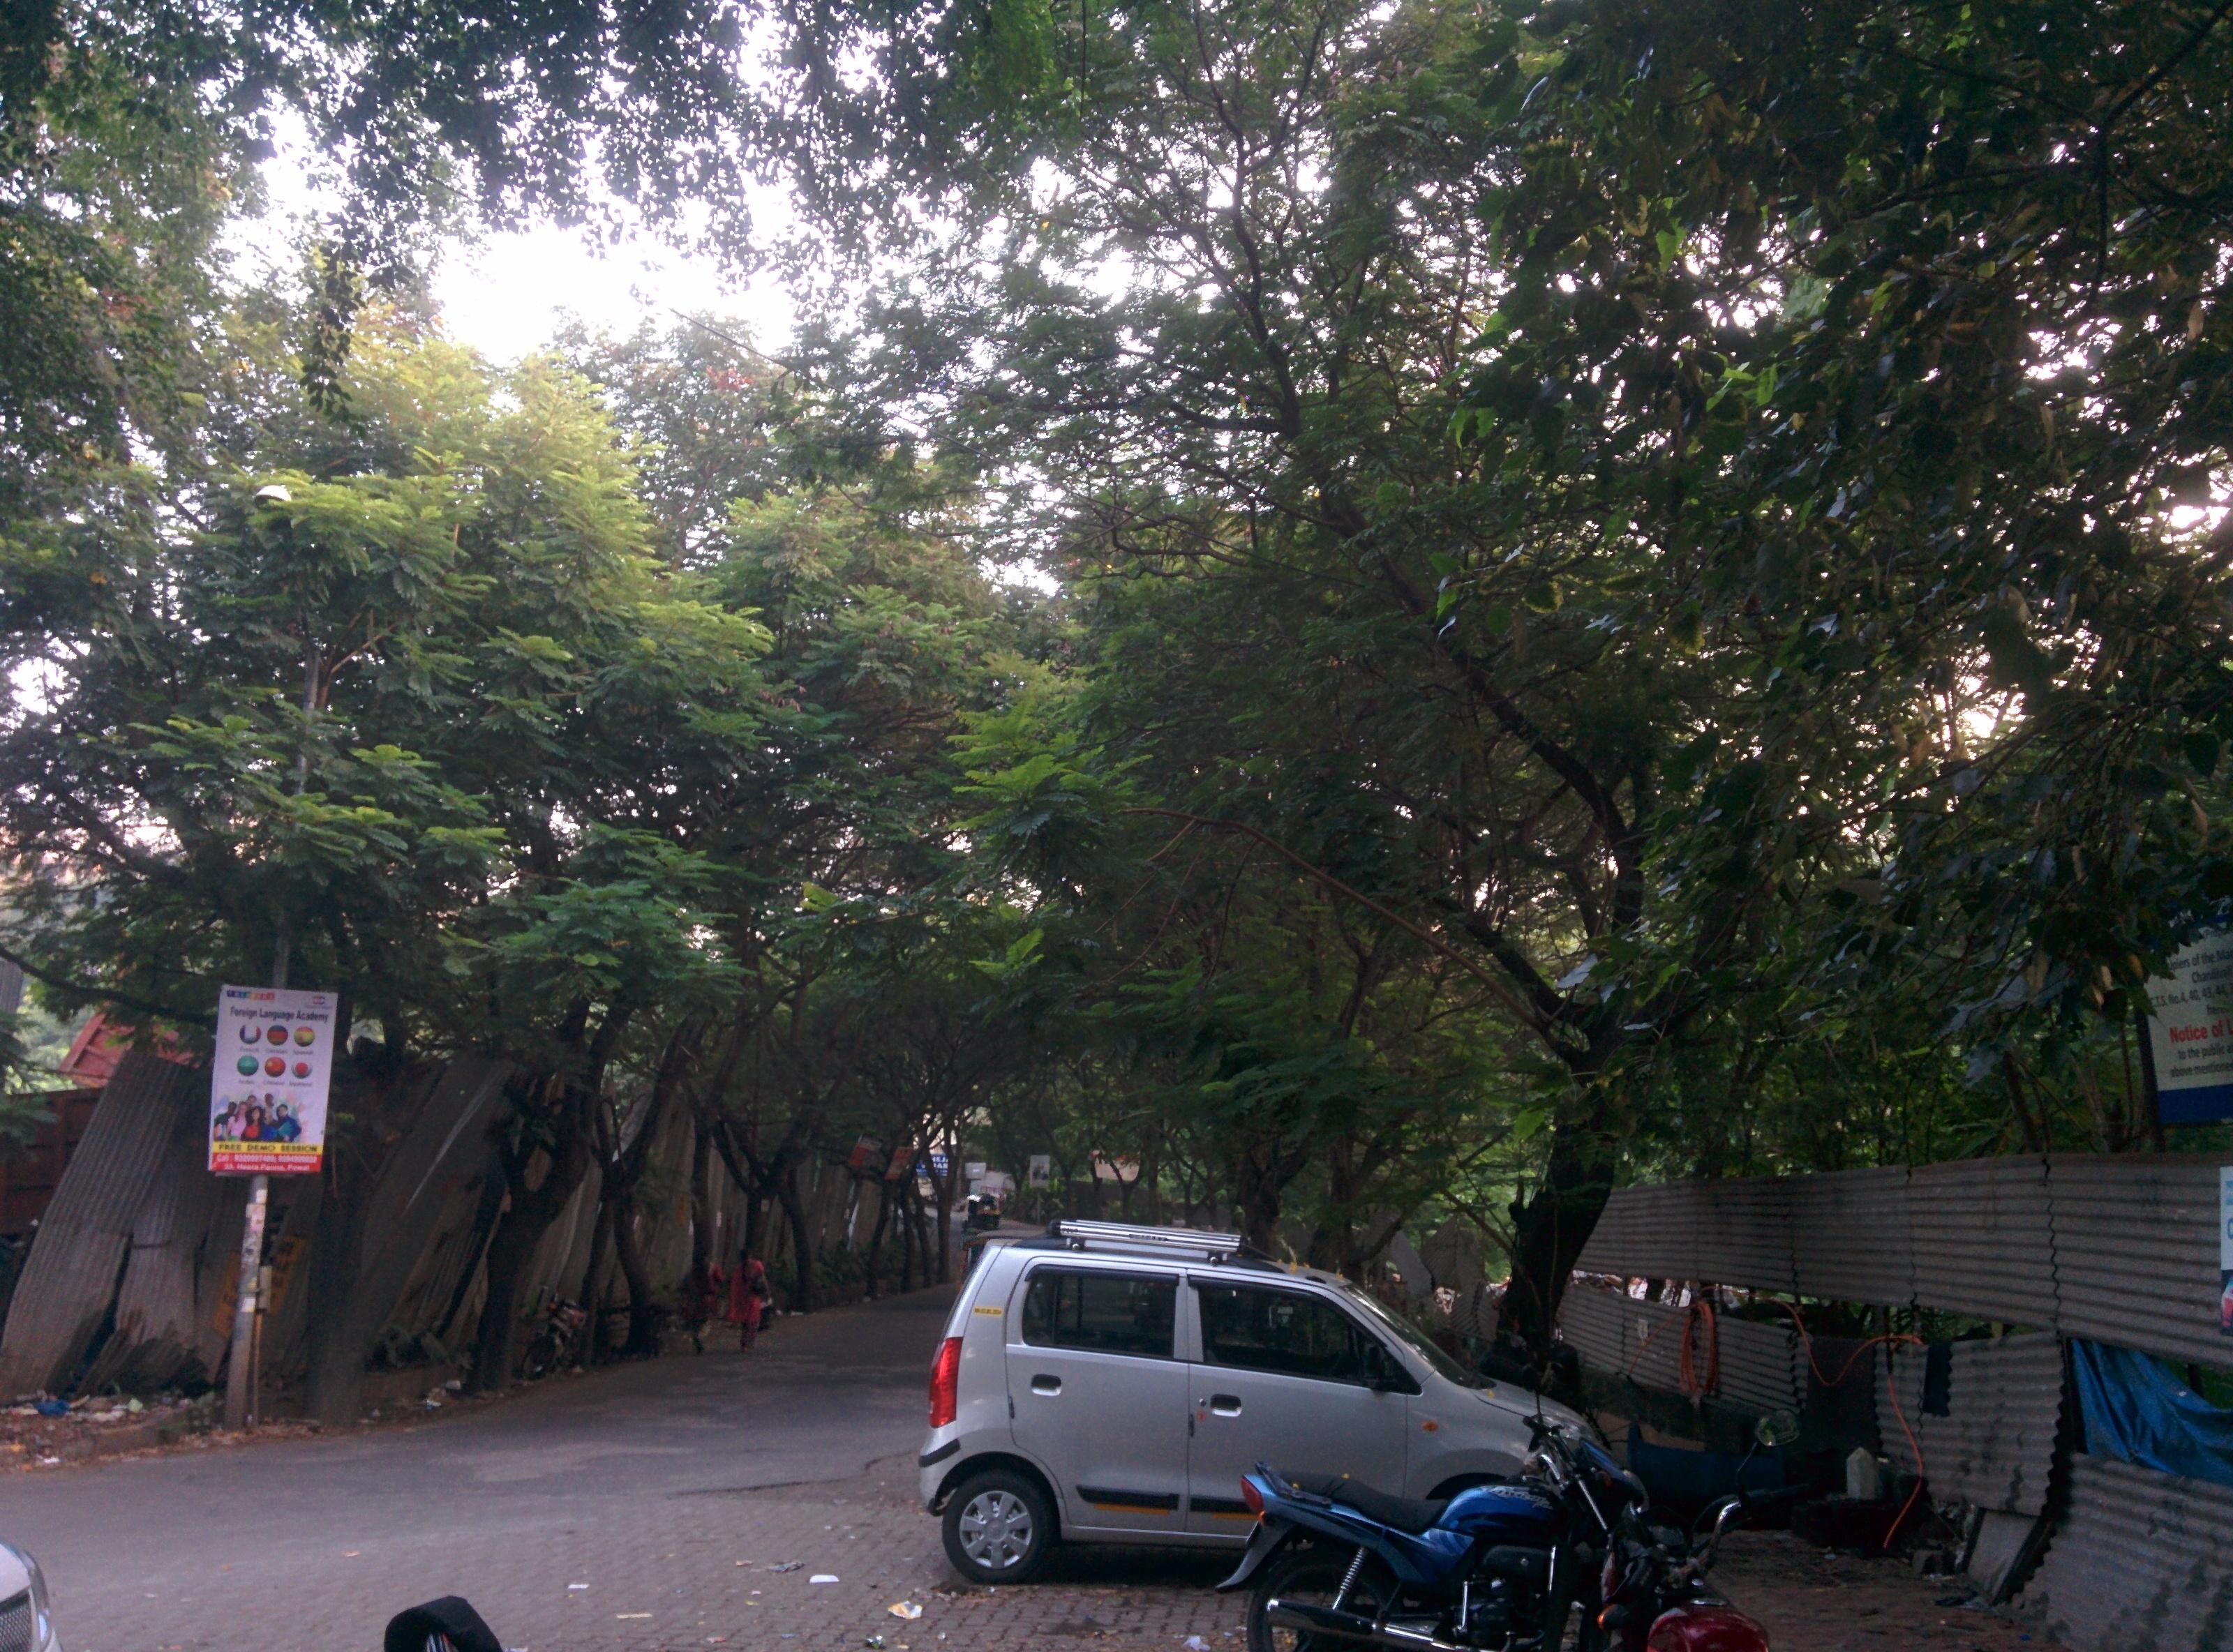 Raheja Vihar Entrance up ahead